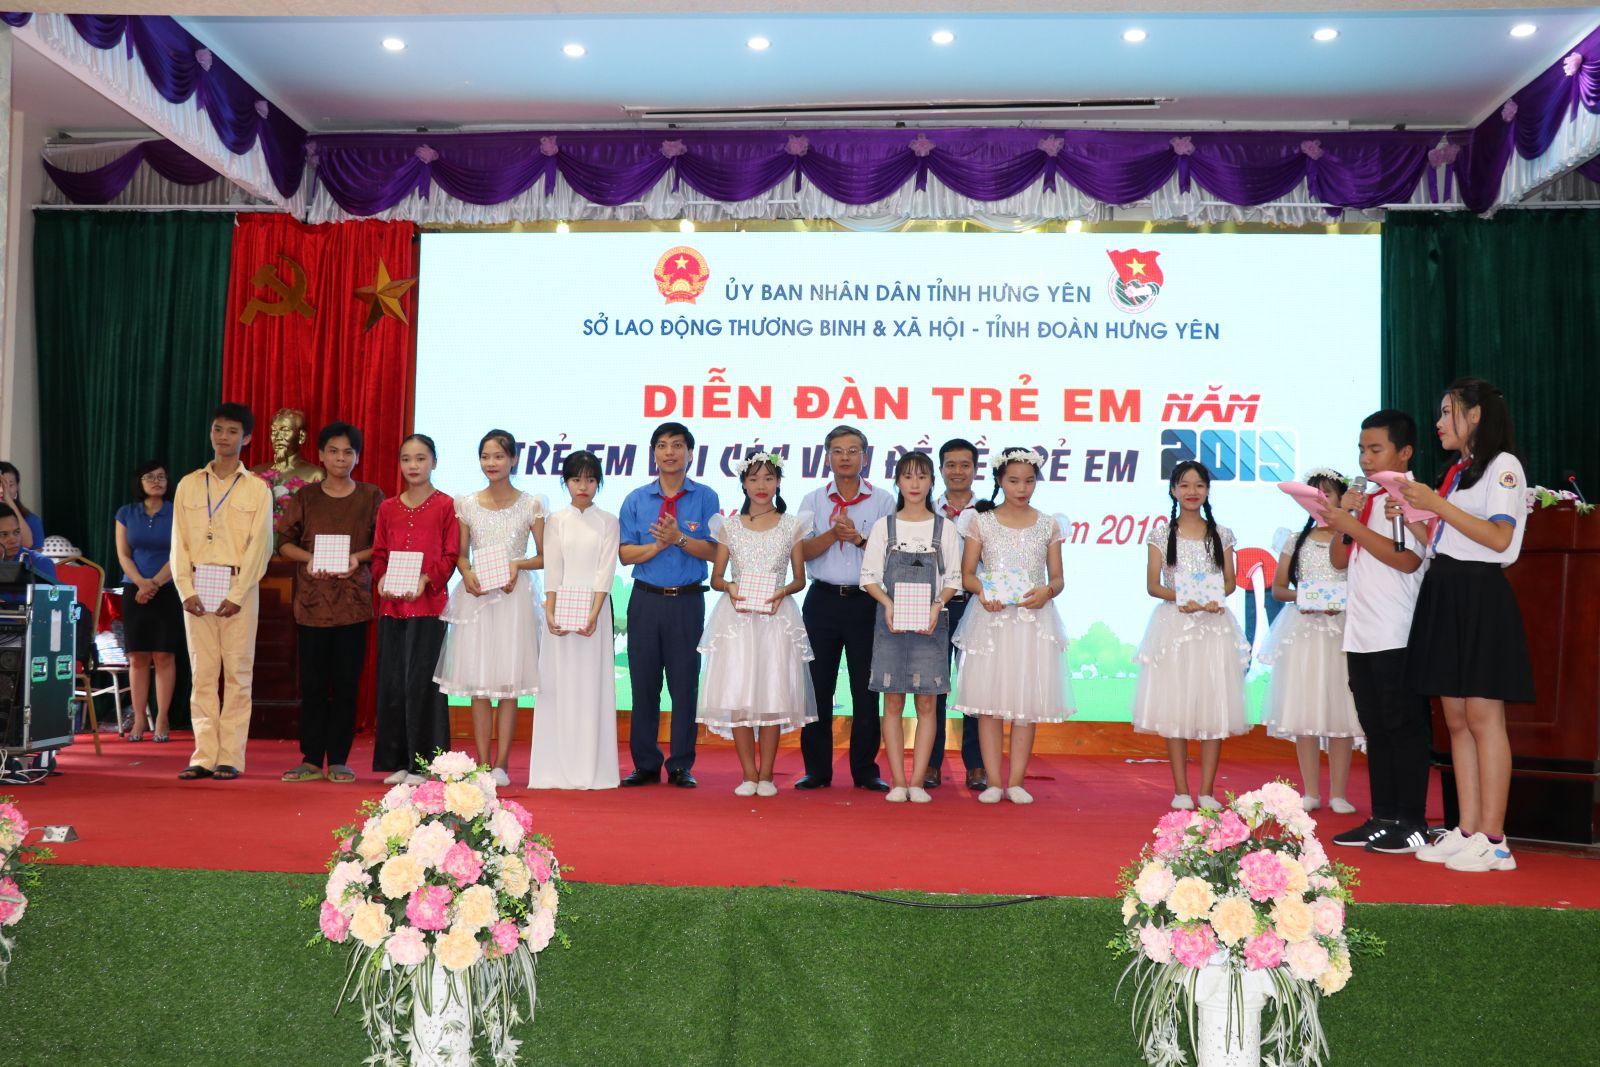 Diễn đàn trẻ em và Chương trình đối thoại giữa Lãnh đạo tỉnh Hưng Yên với thiếu nhi năm 2019